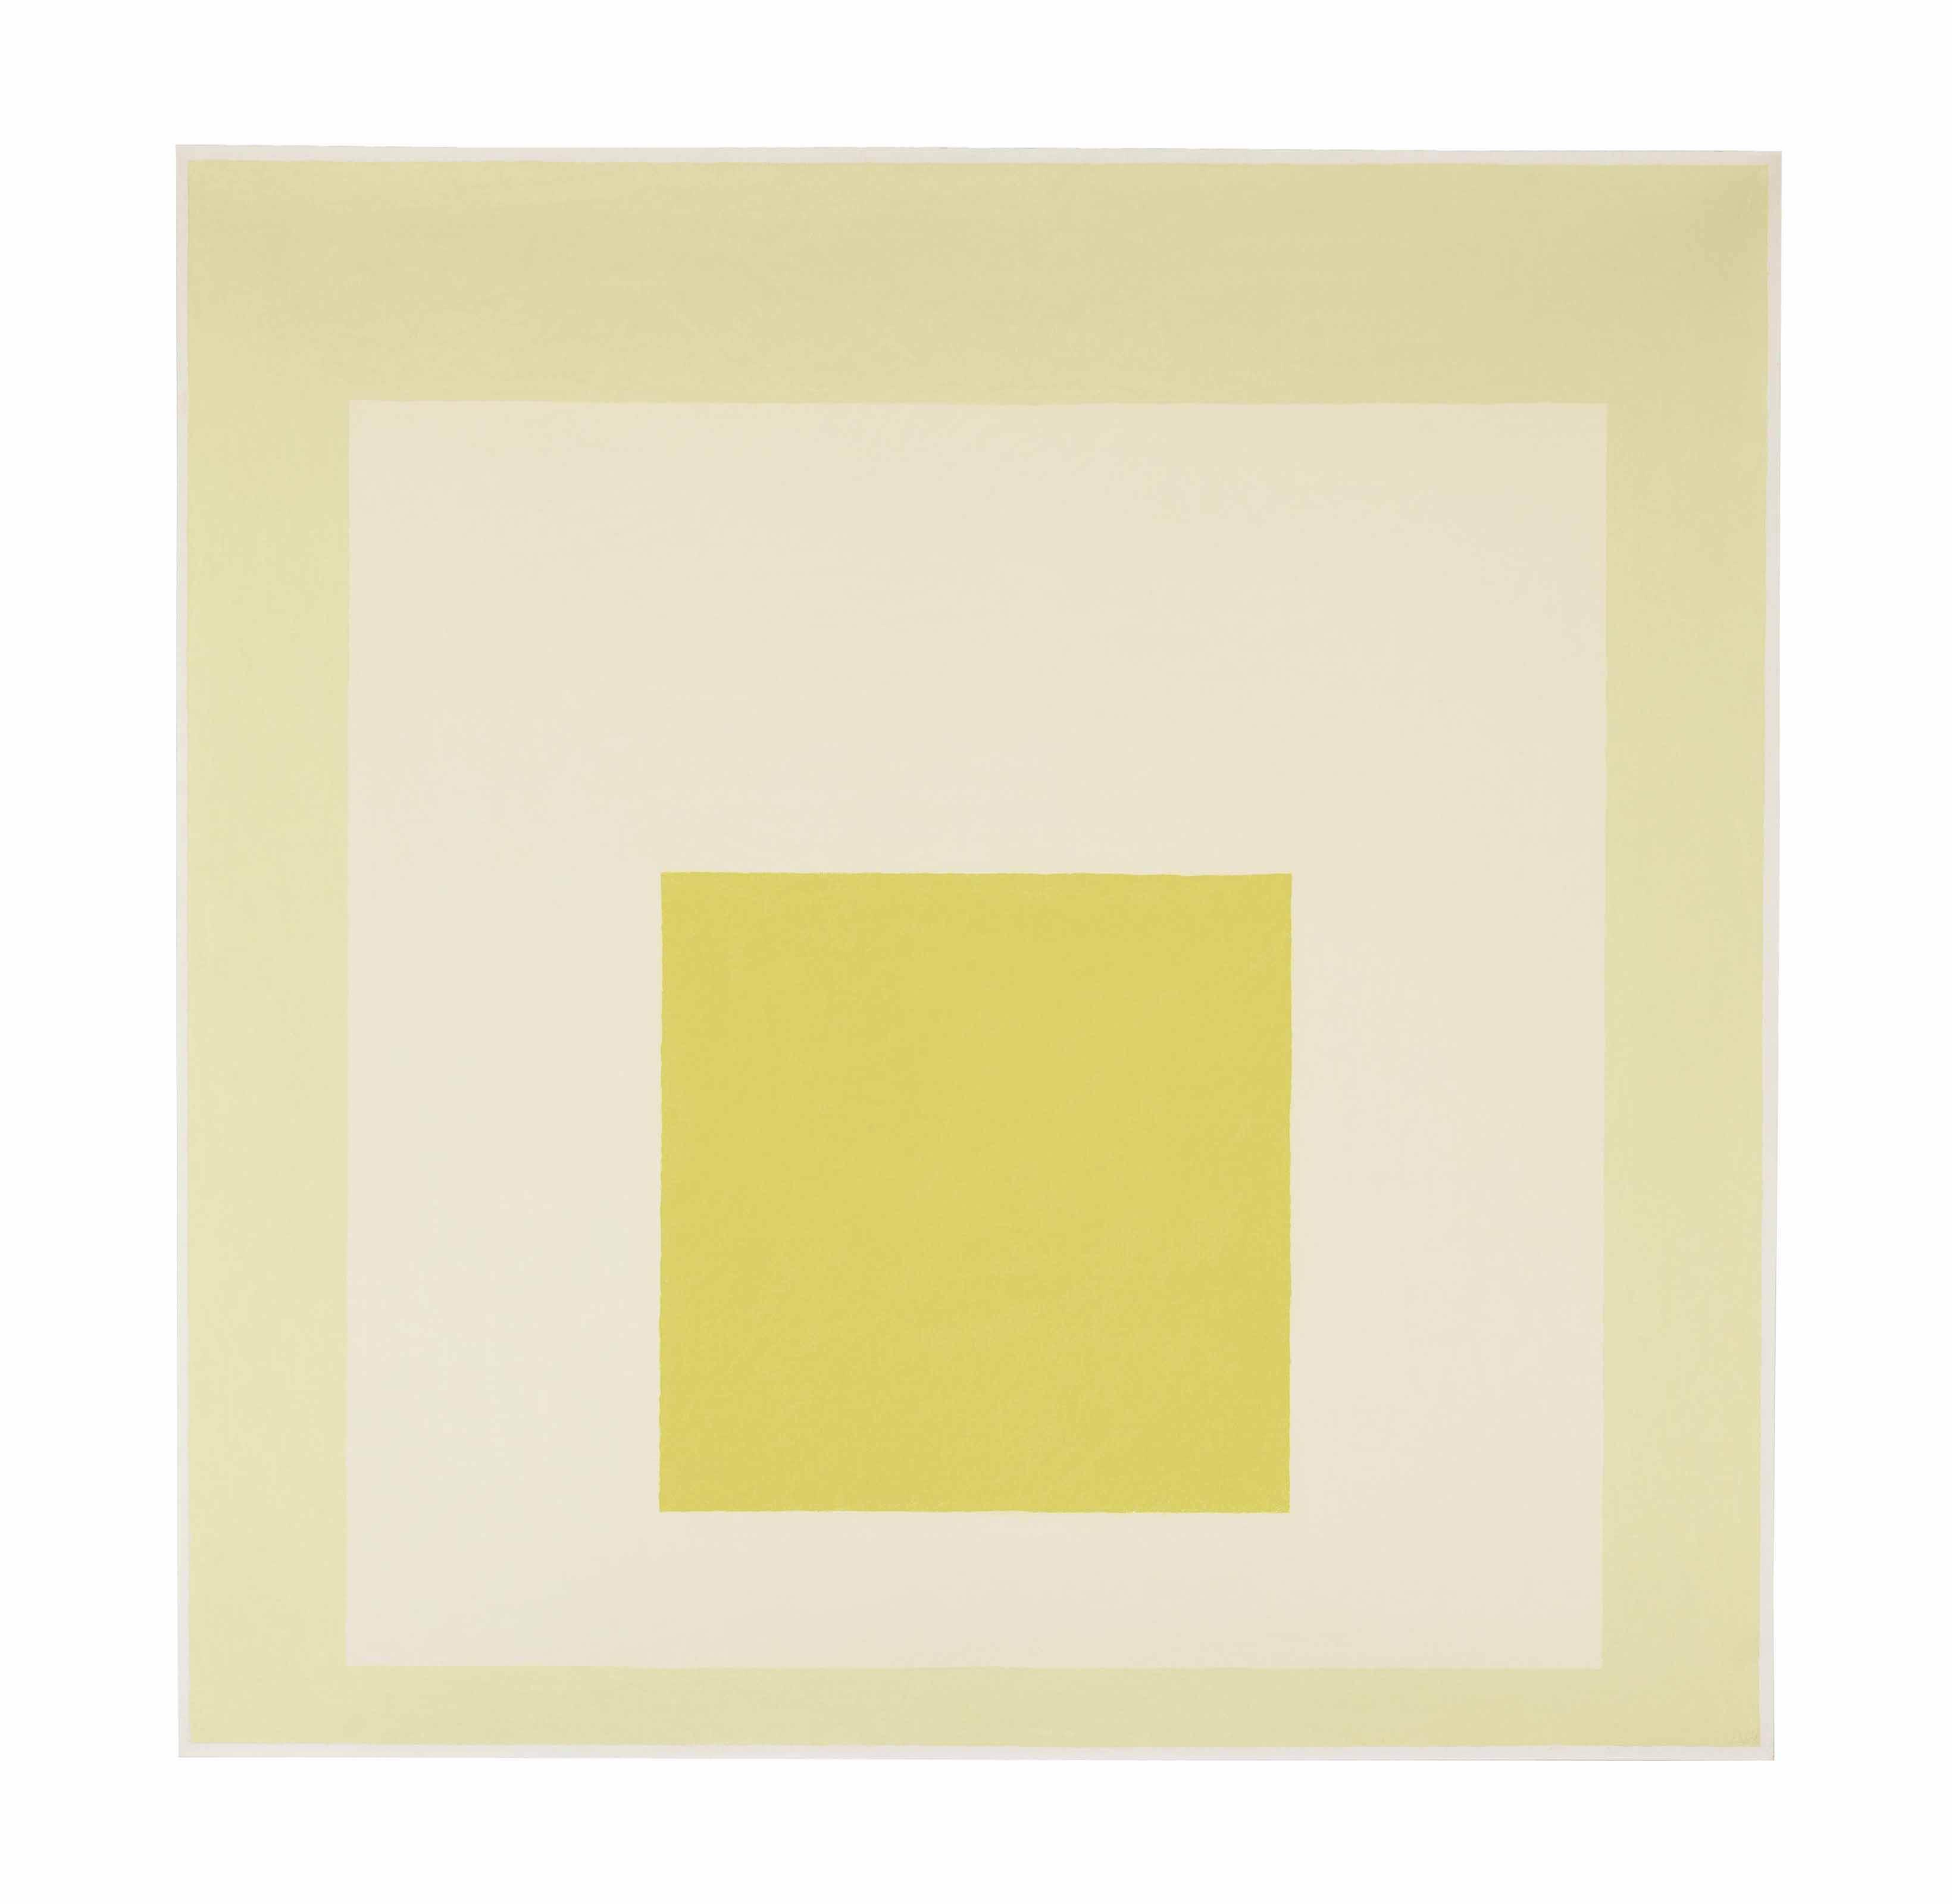 Homage to the Square: White Nimbus